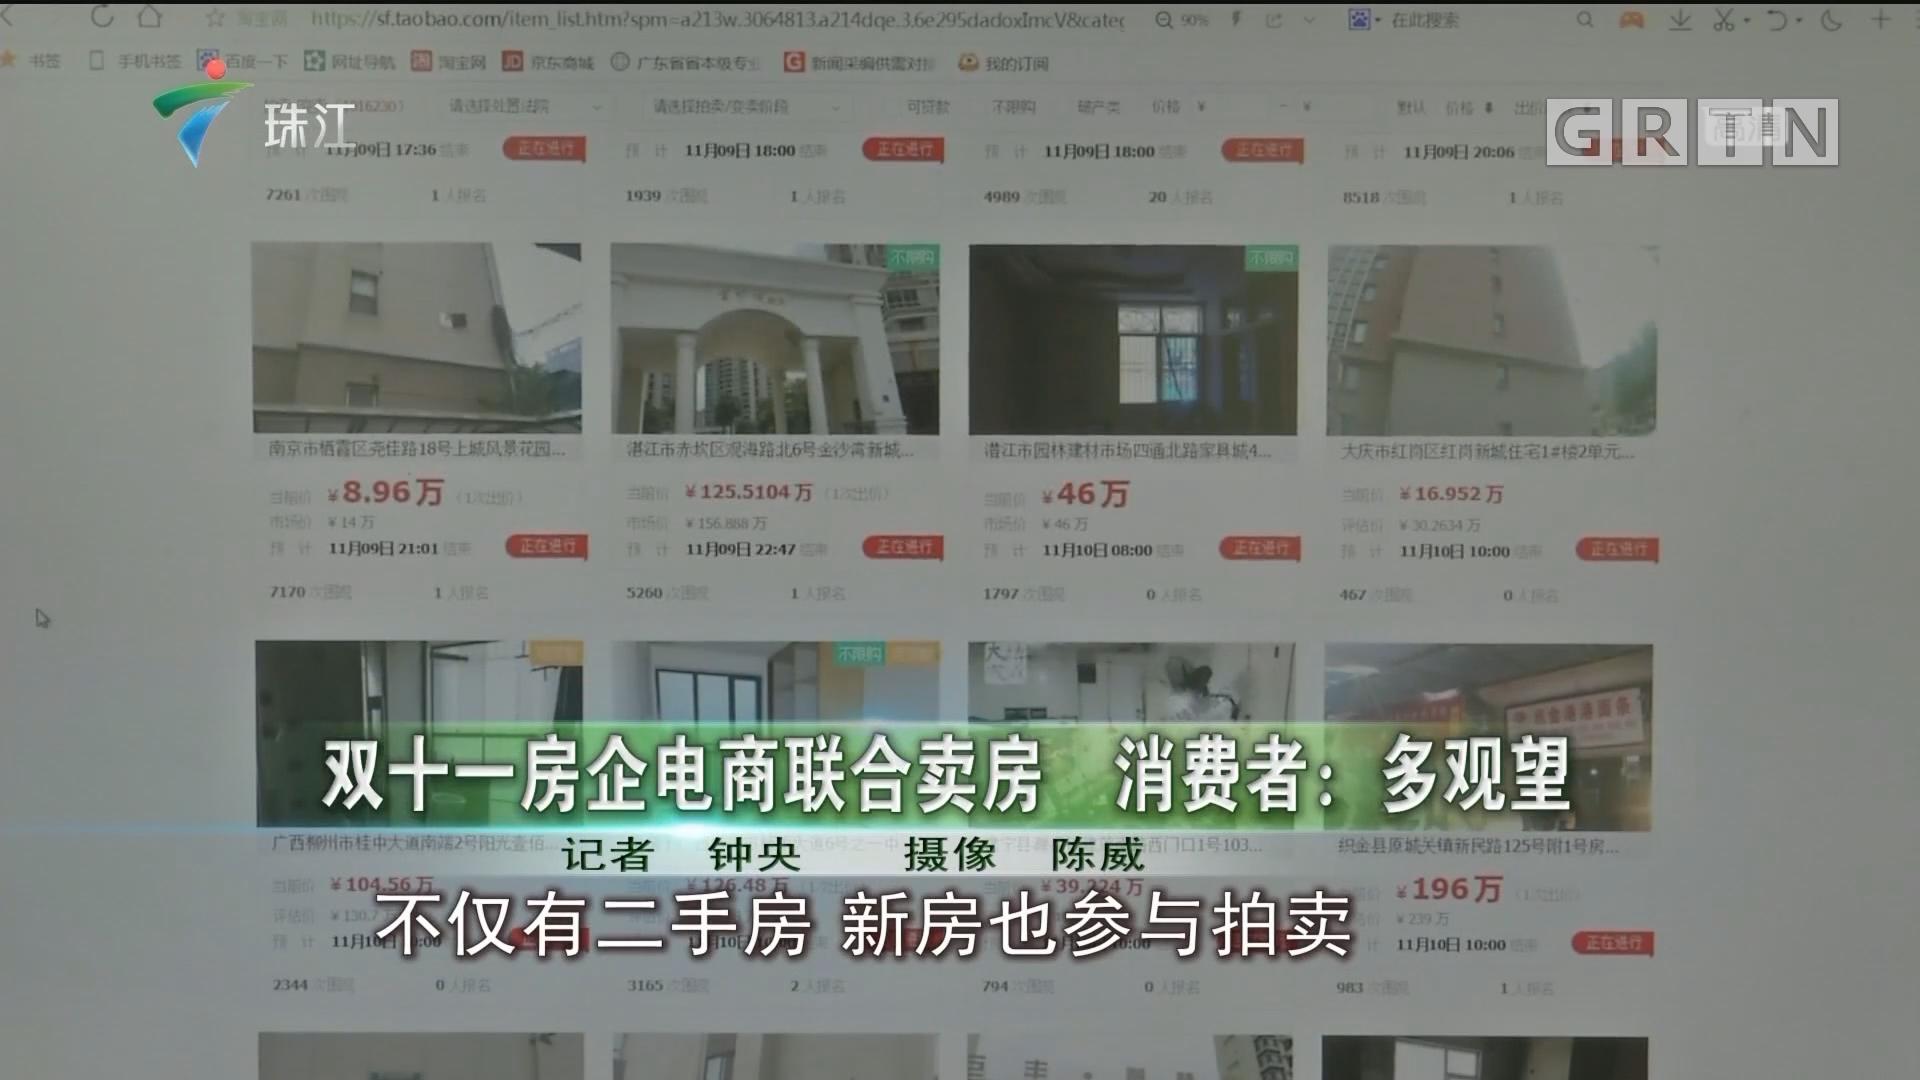 双十一房企电商联合卖房 消费者:多观望